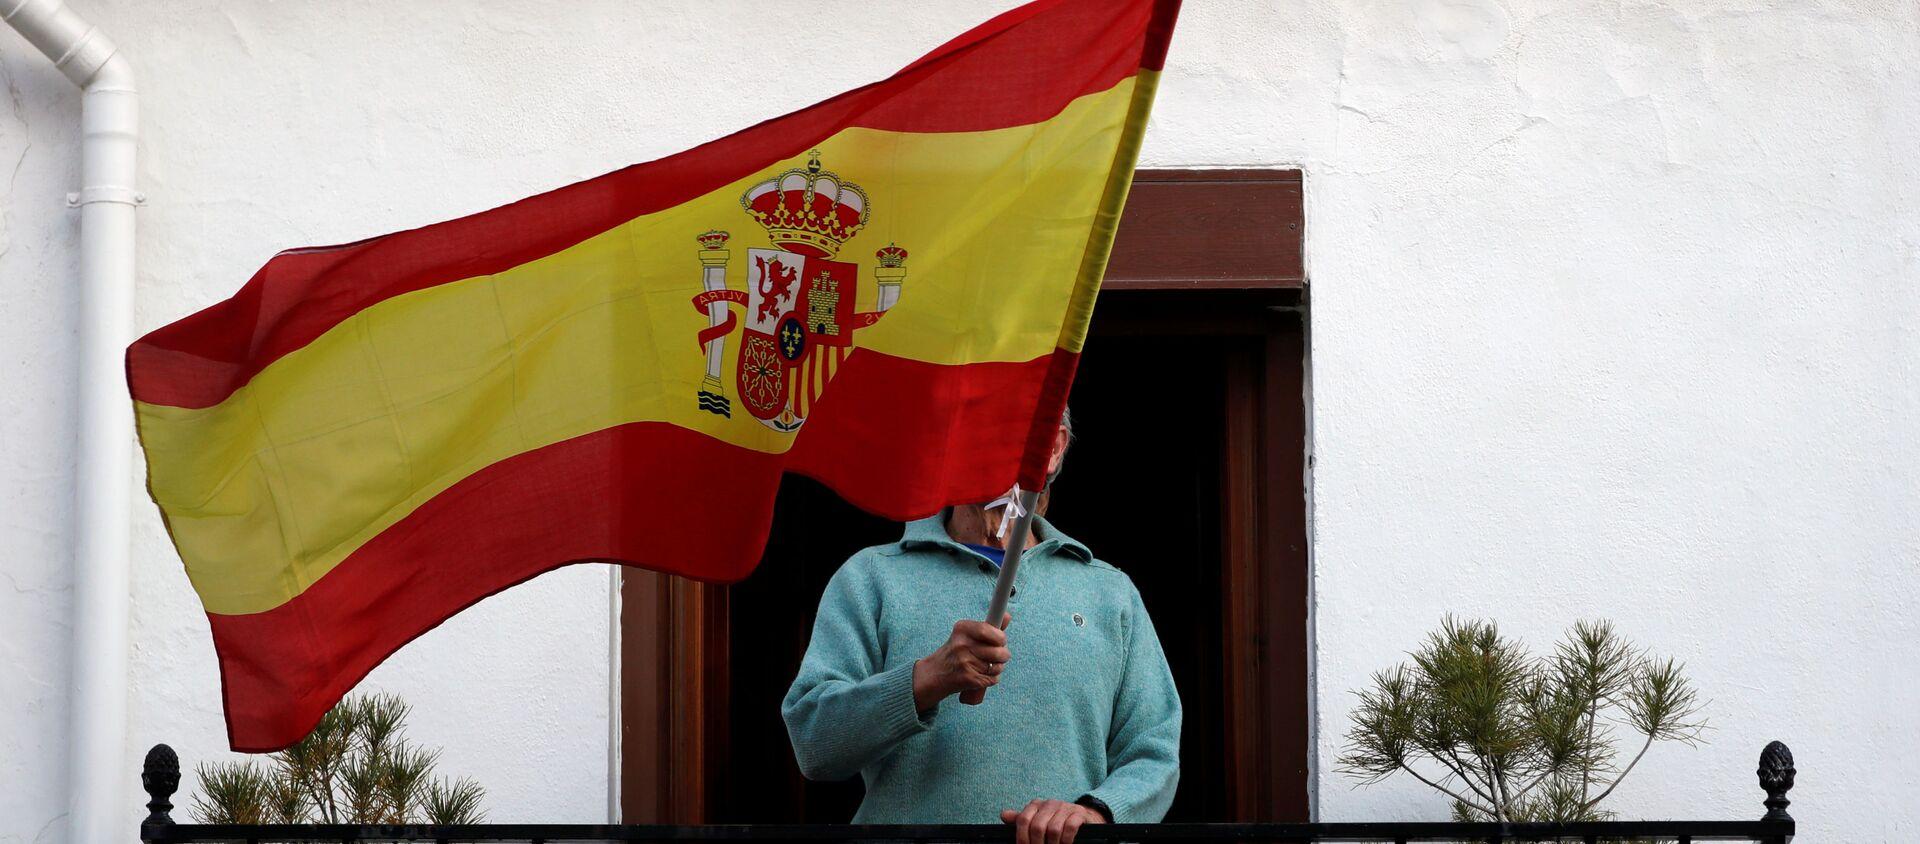 Una persona con una bandera de España - Sputnik Mundo, 1920, 20.05.2020